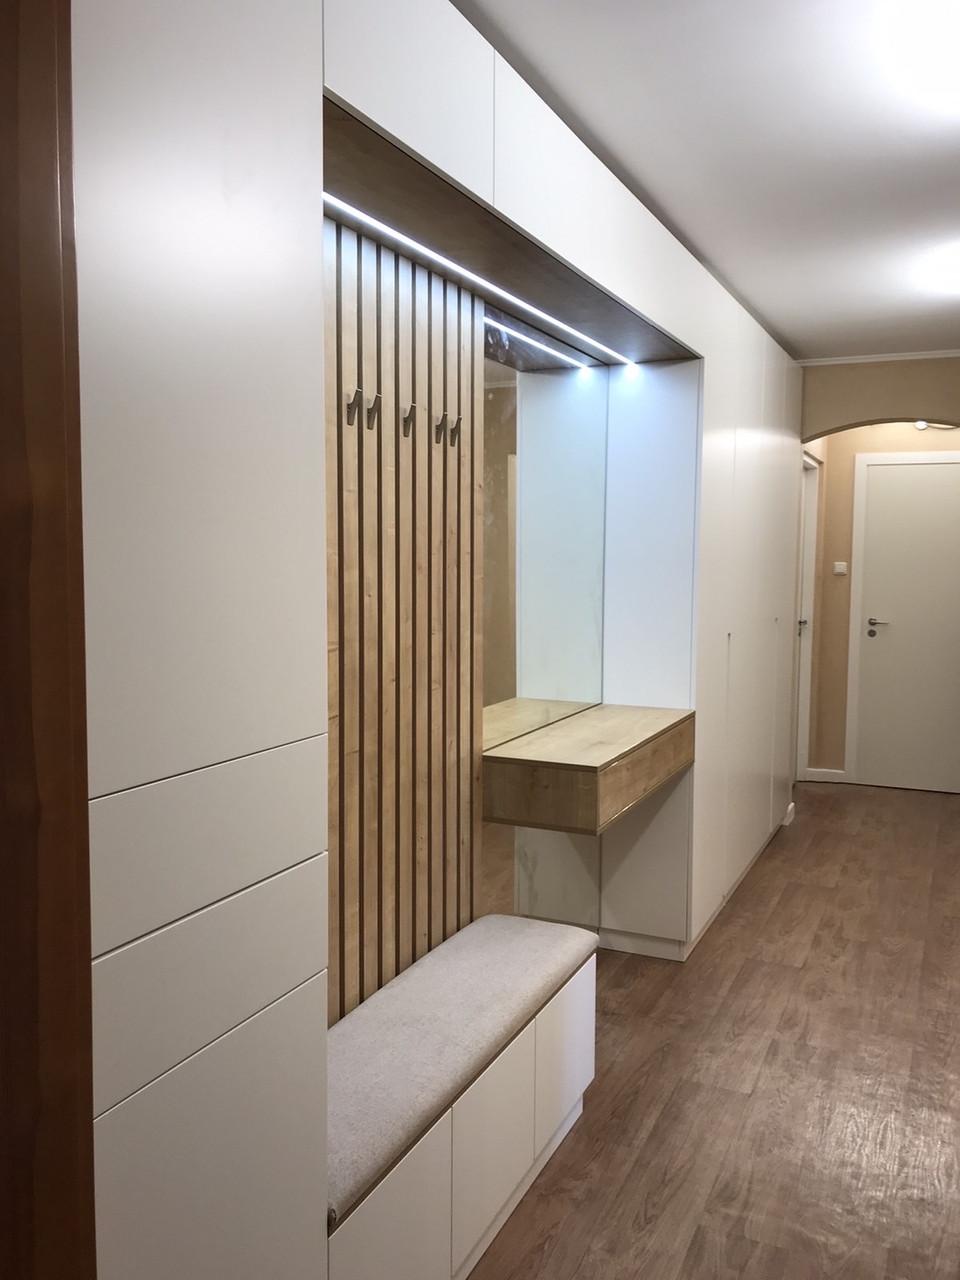 Шкаф в прихожую с мягкой сидушкой, рейками с крючками и зеркалом с подсветкой.